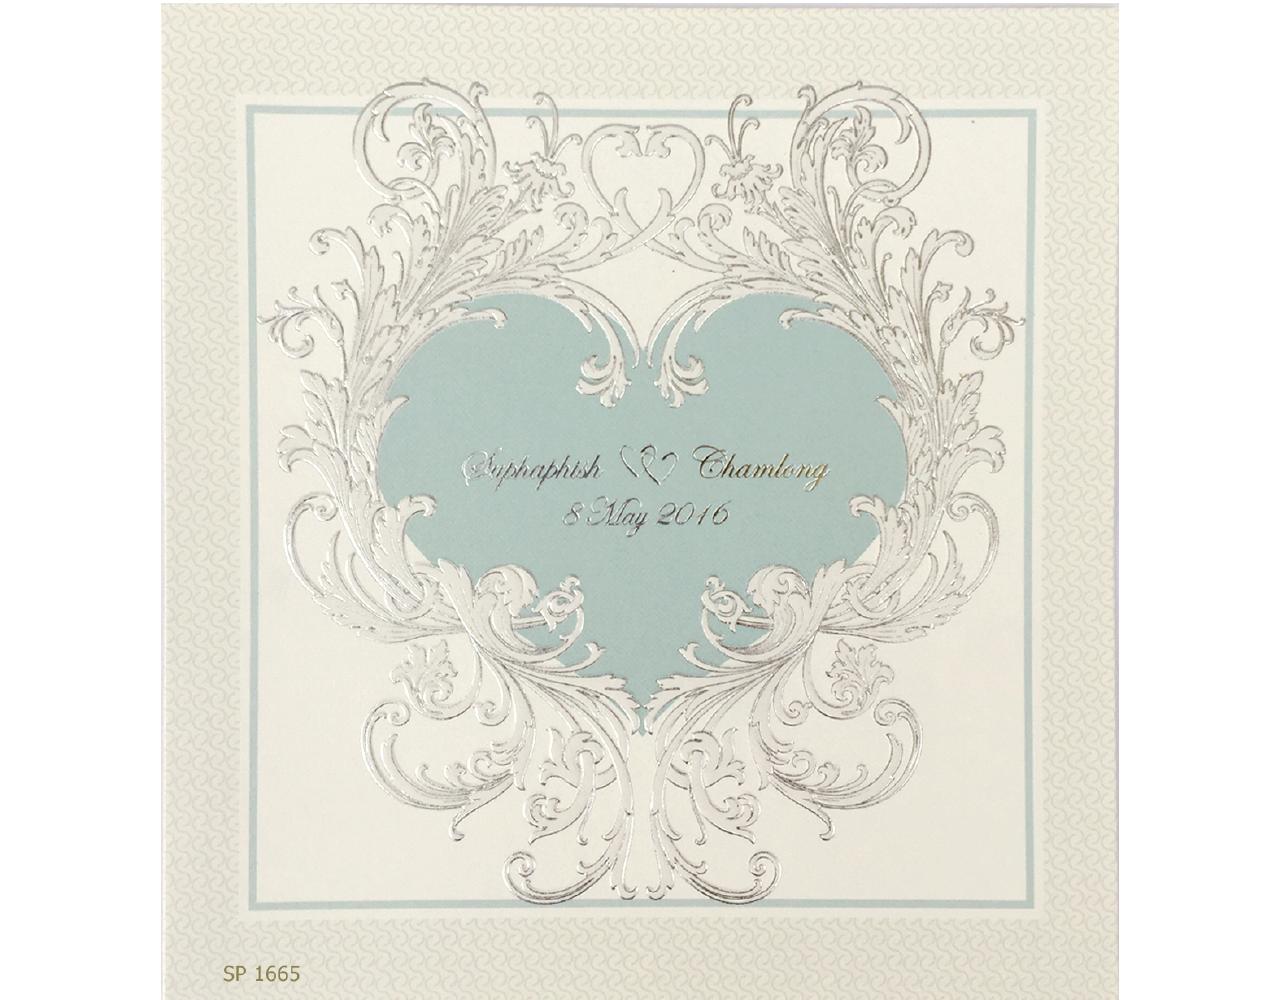 การ์ดแต่งงาน การ์ดเชิญ การ์ดงานแต่ง แบบเรียบๆ พิมพ์เคเงิน ปั๊มนูน wedding card 6.5x7 inch sp 1665